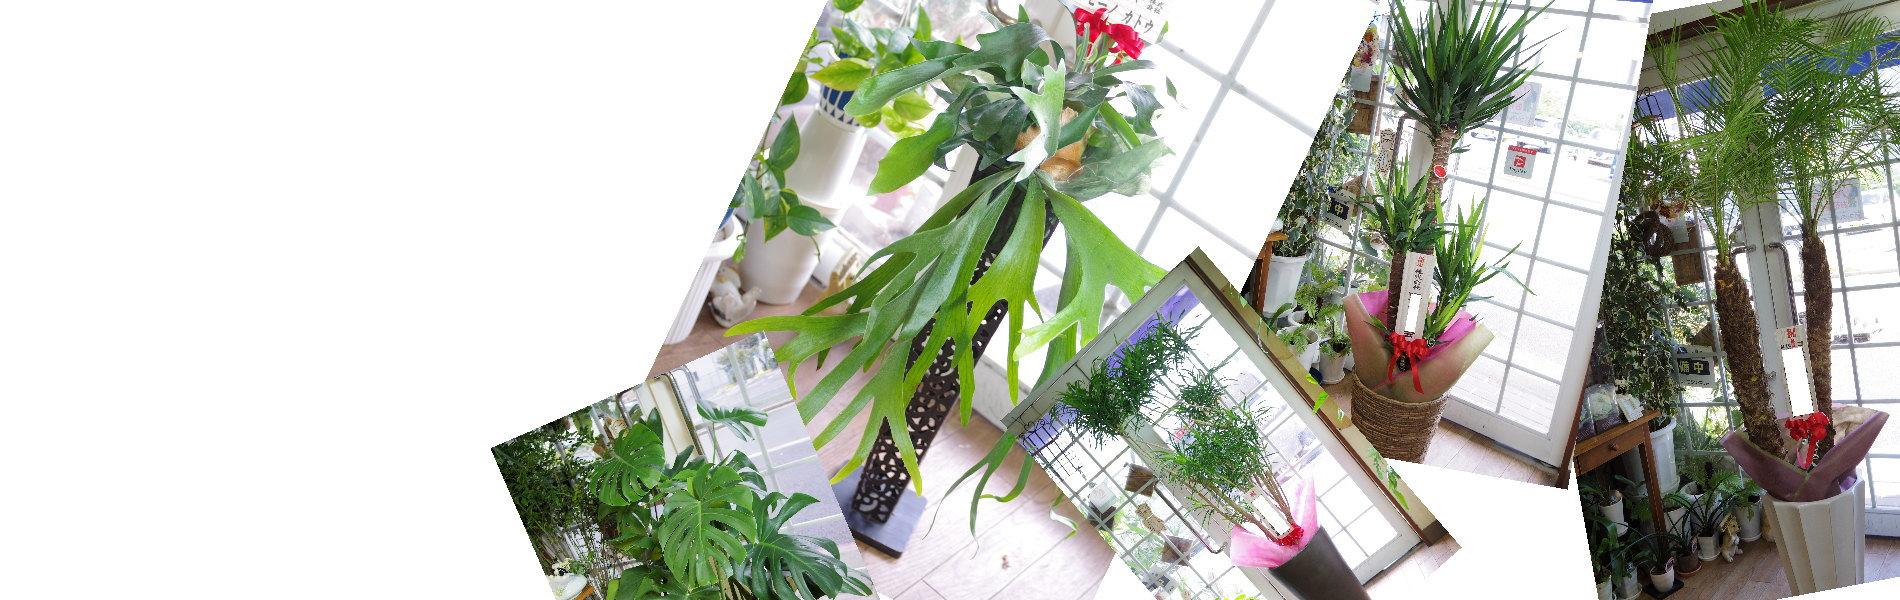 観葉植物(名古屋の花屋さん)